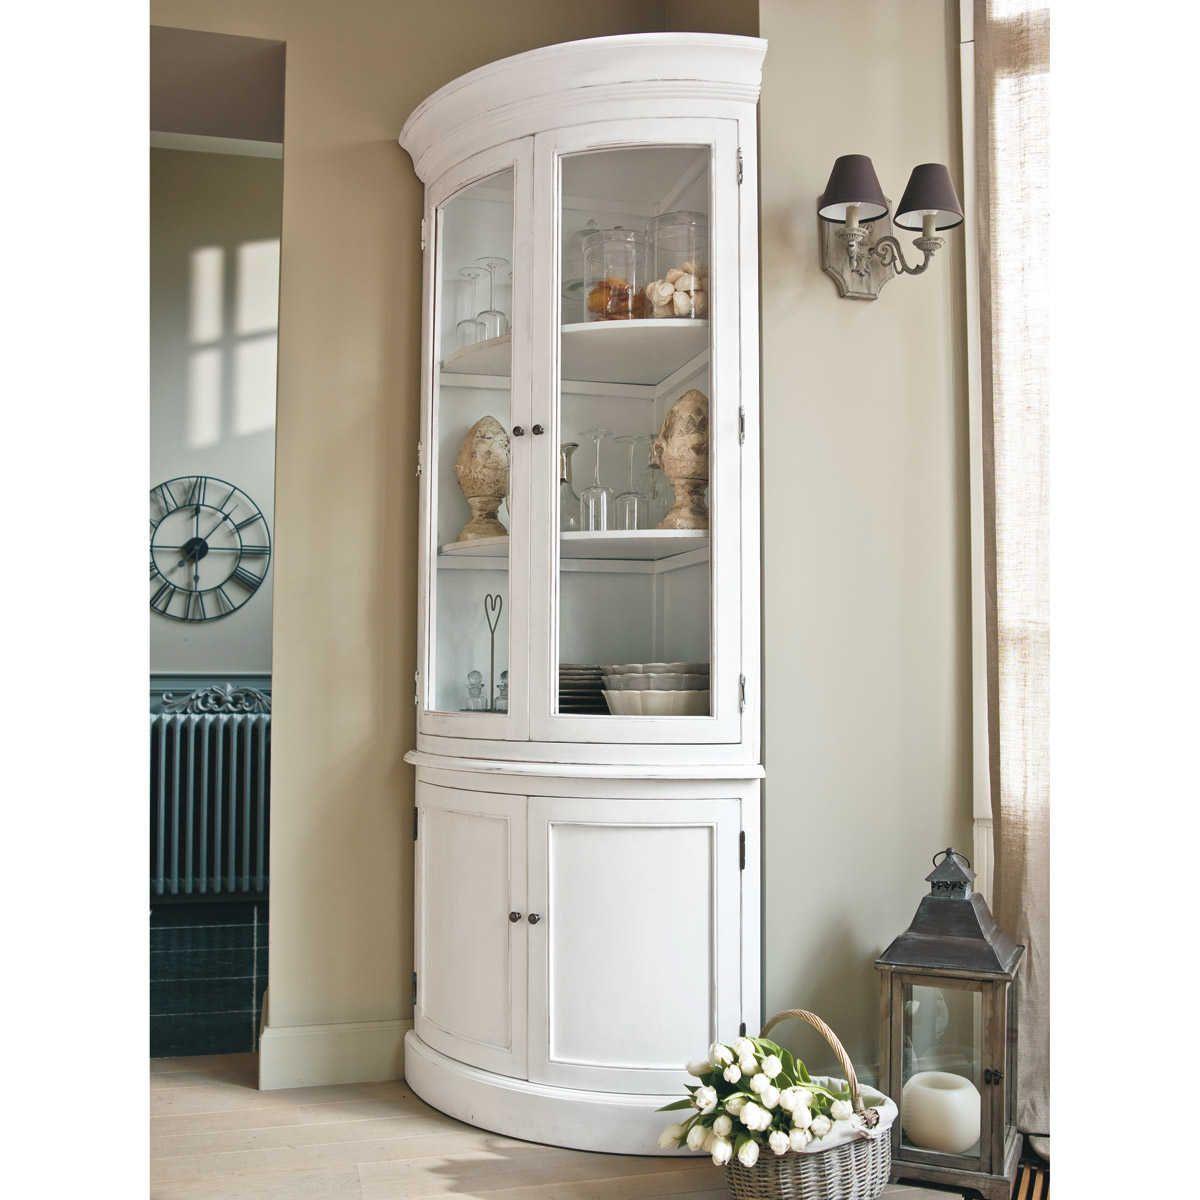 Mueble esquinero de madera blanca an 68 cm muebles - Mueble esquinero cocina ...